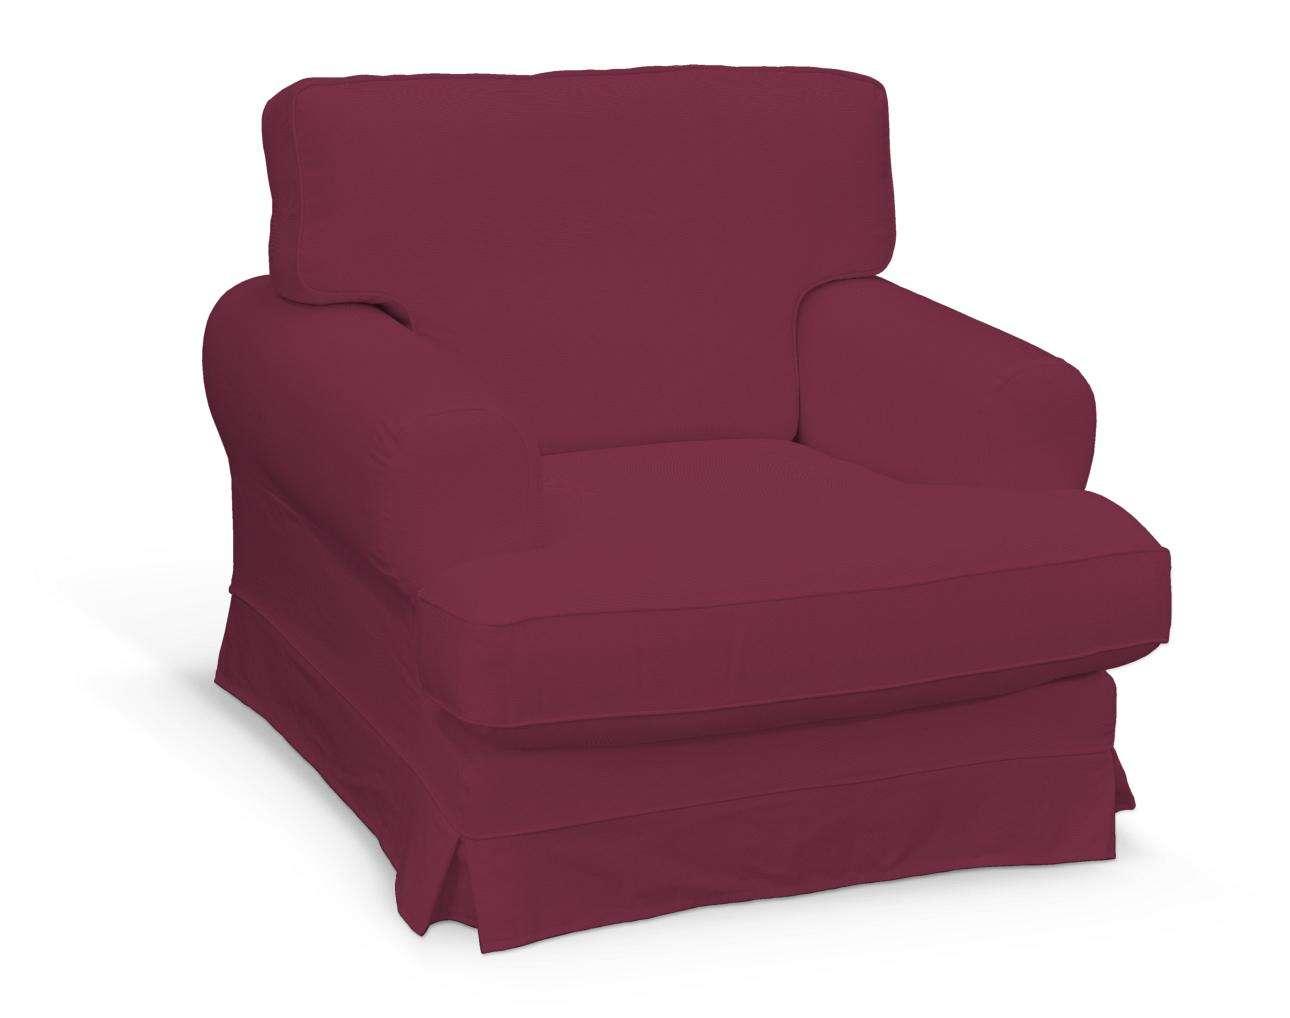 Pokrowiec na fotel Ekeskog w kolekcji Cotton Panama, tkanina: 702-32